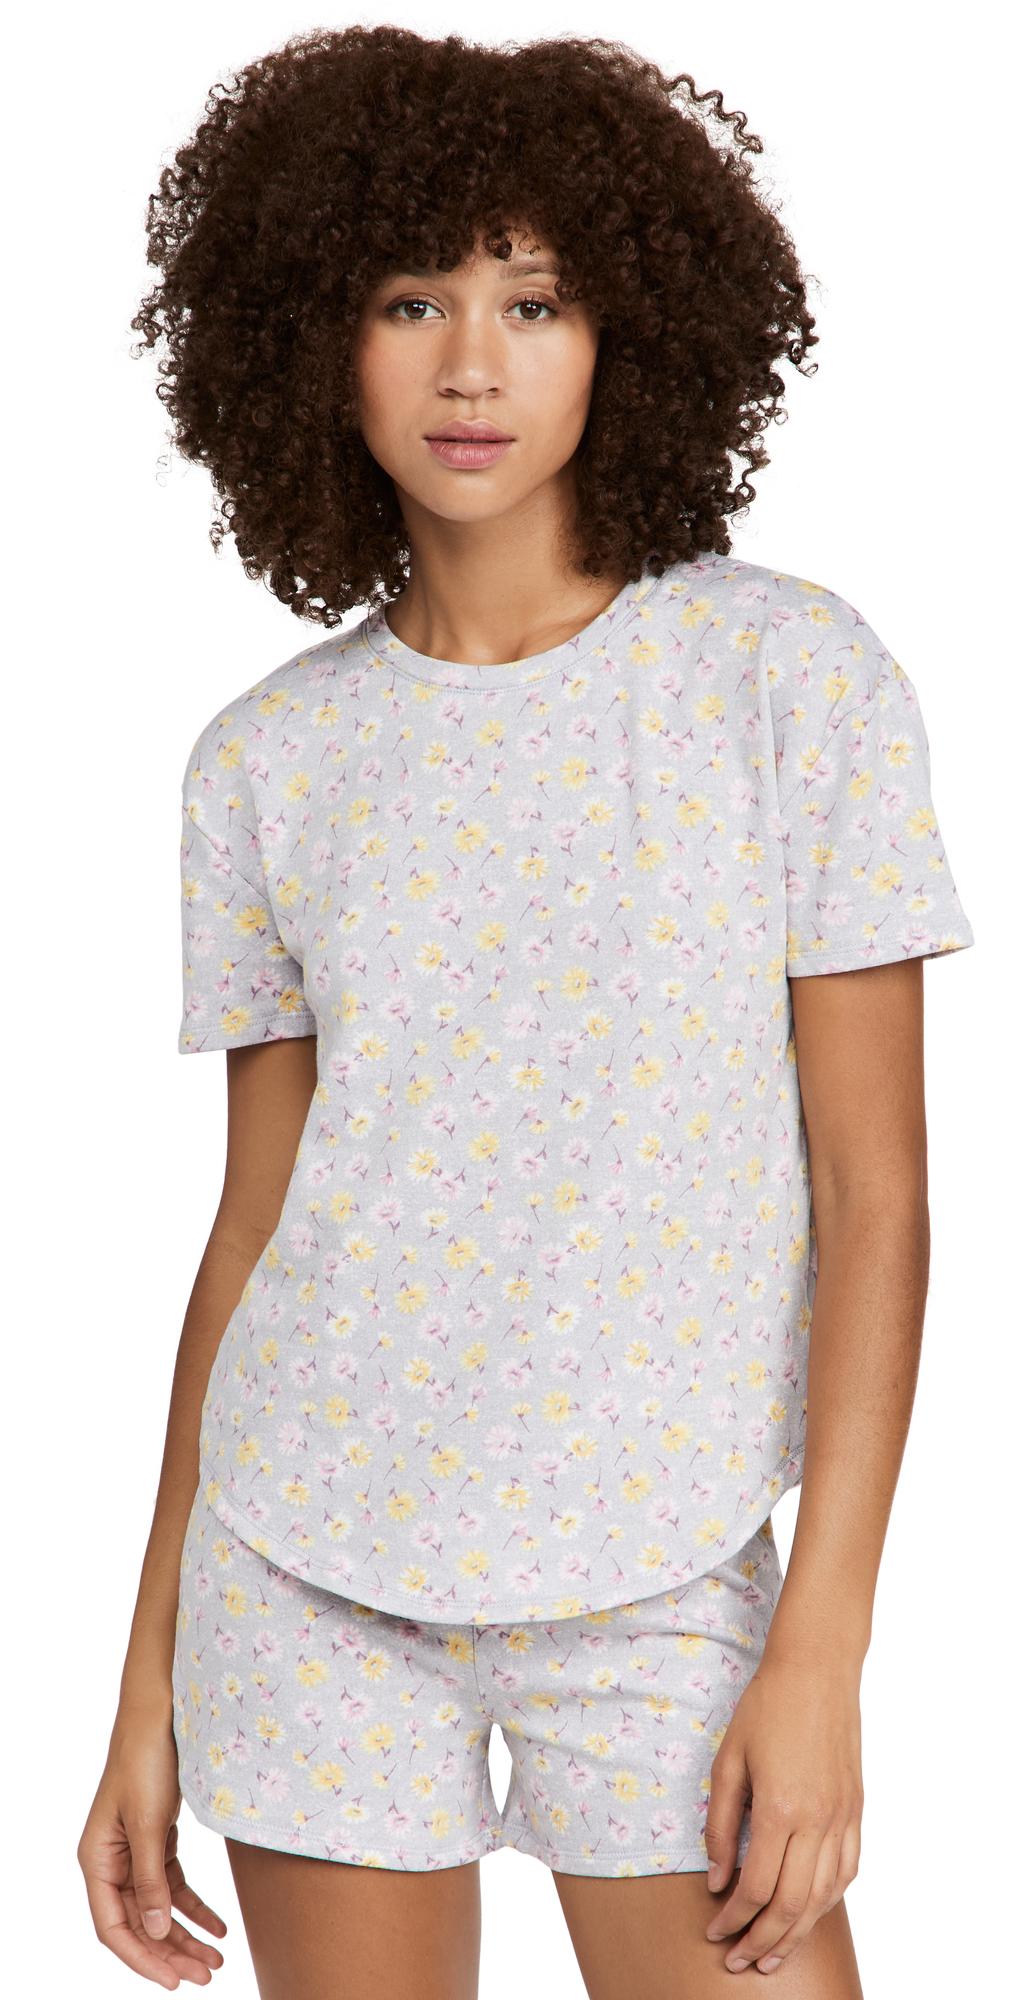 Daisy Shorts PJ Set